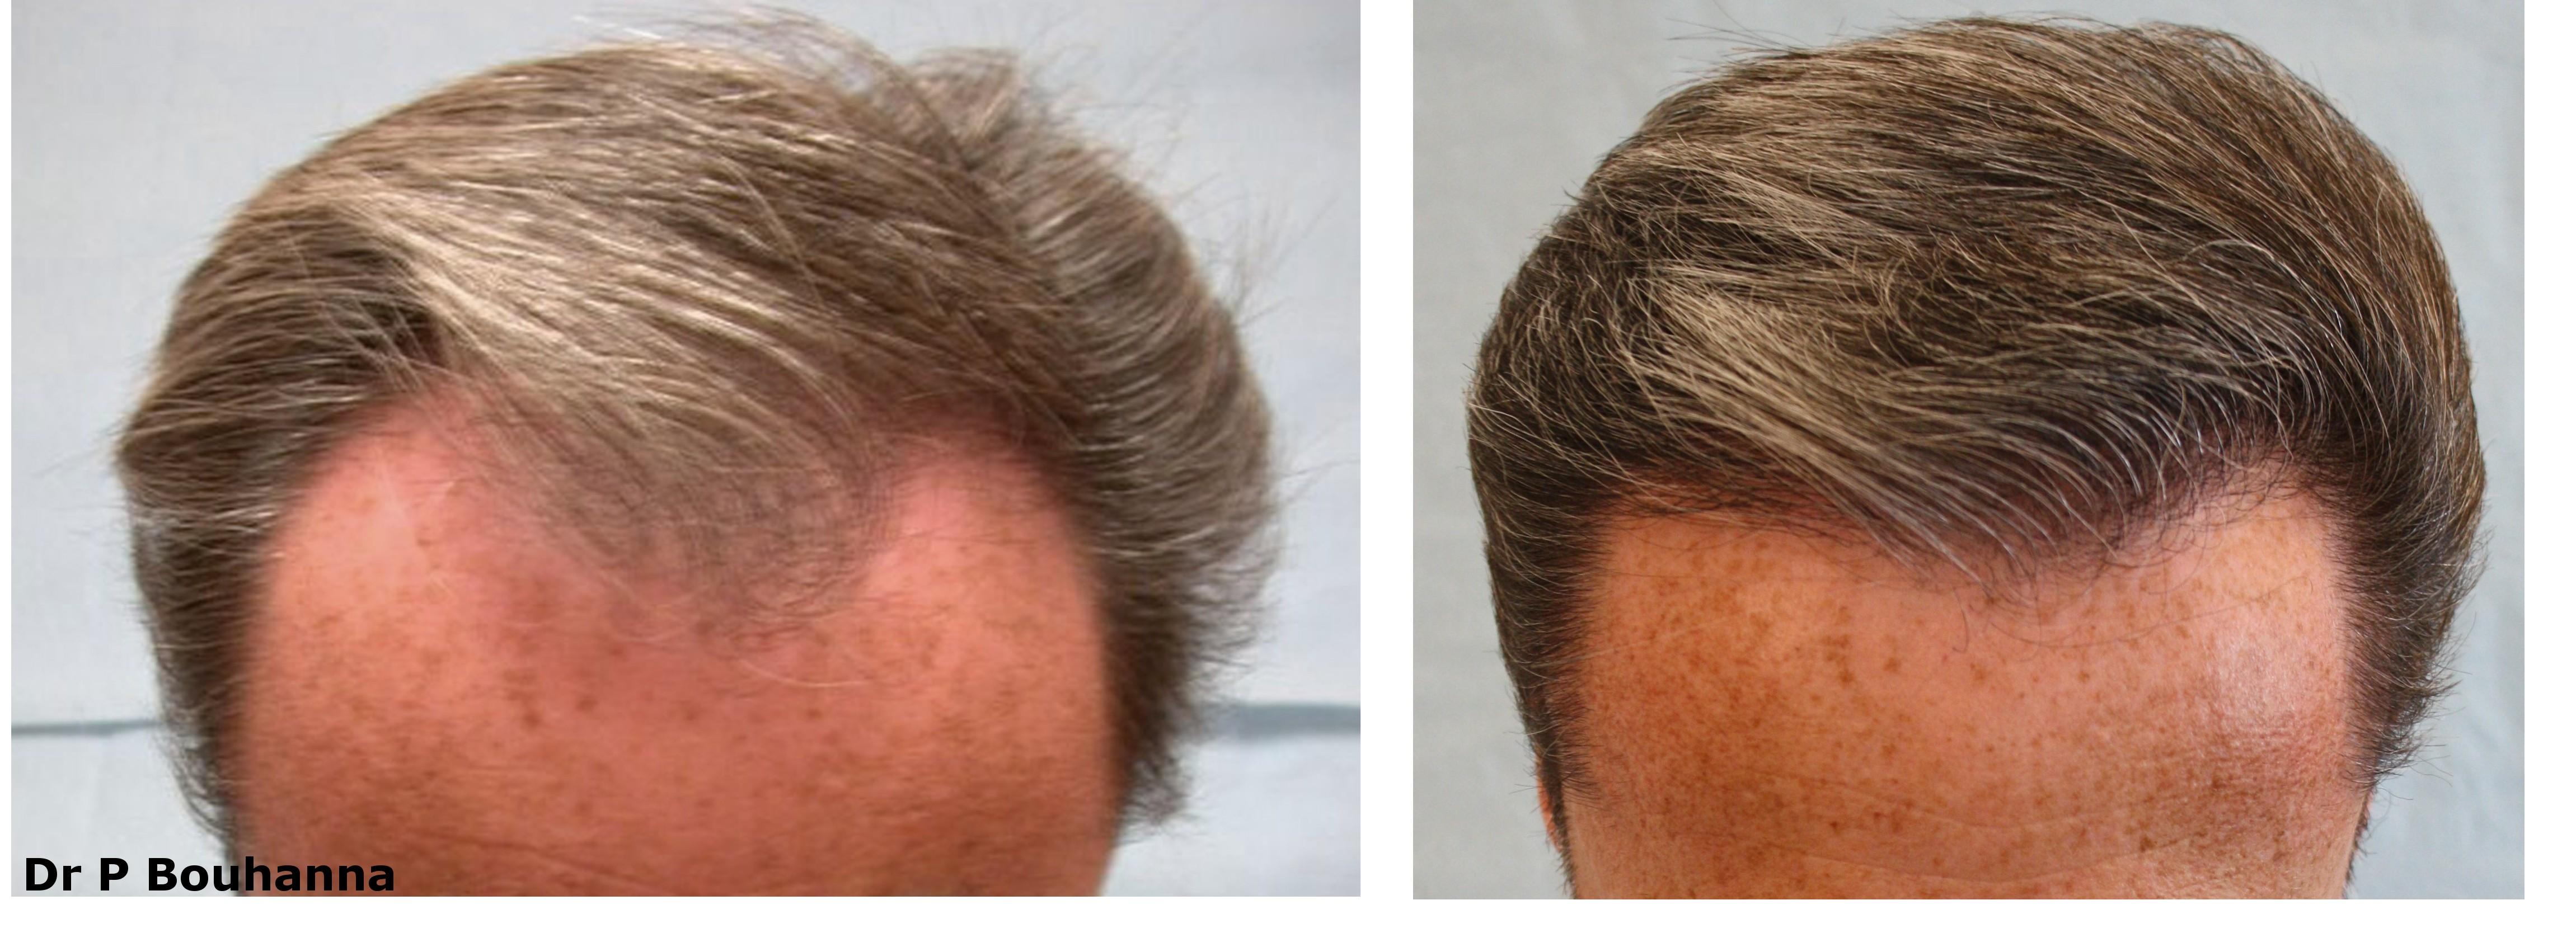 Perte de cheveux sur les tempes homme